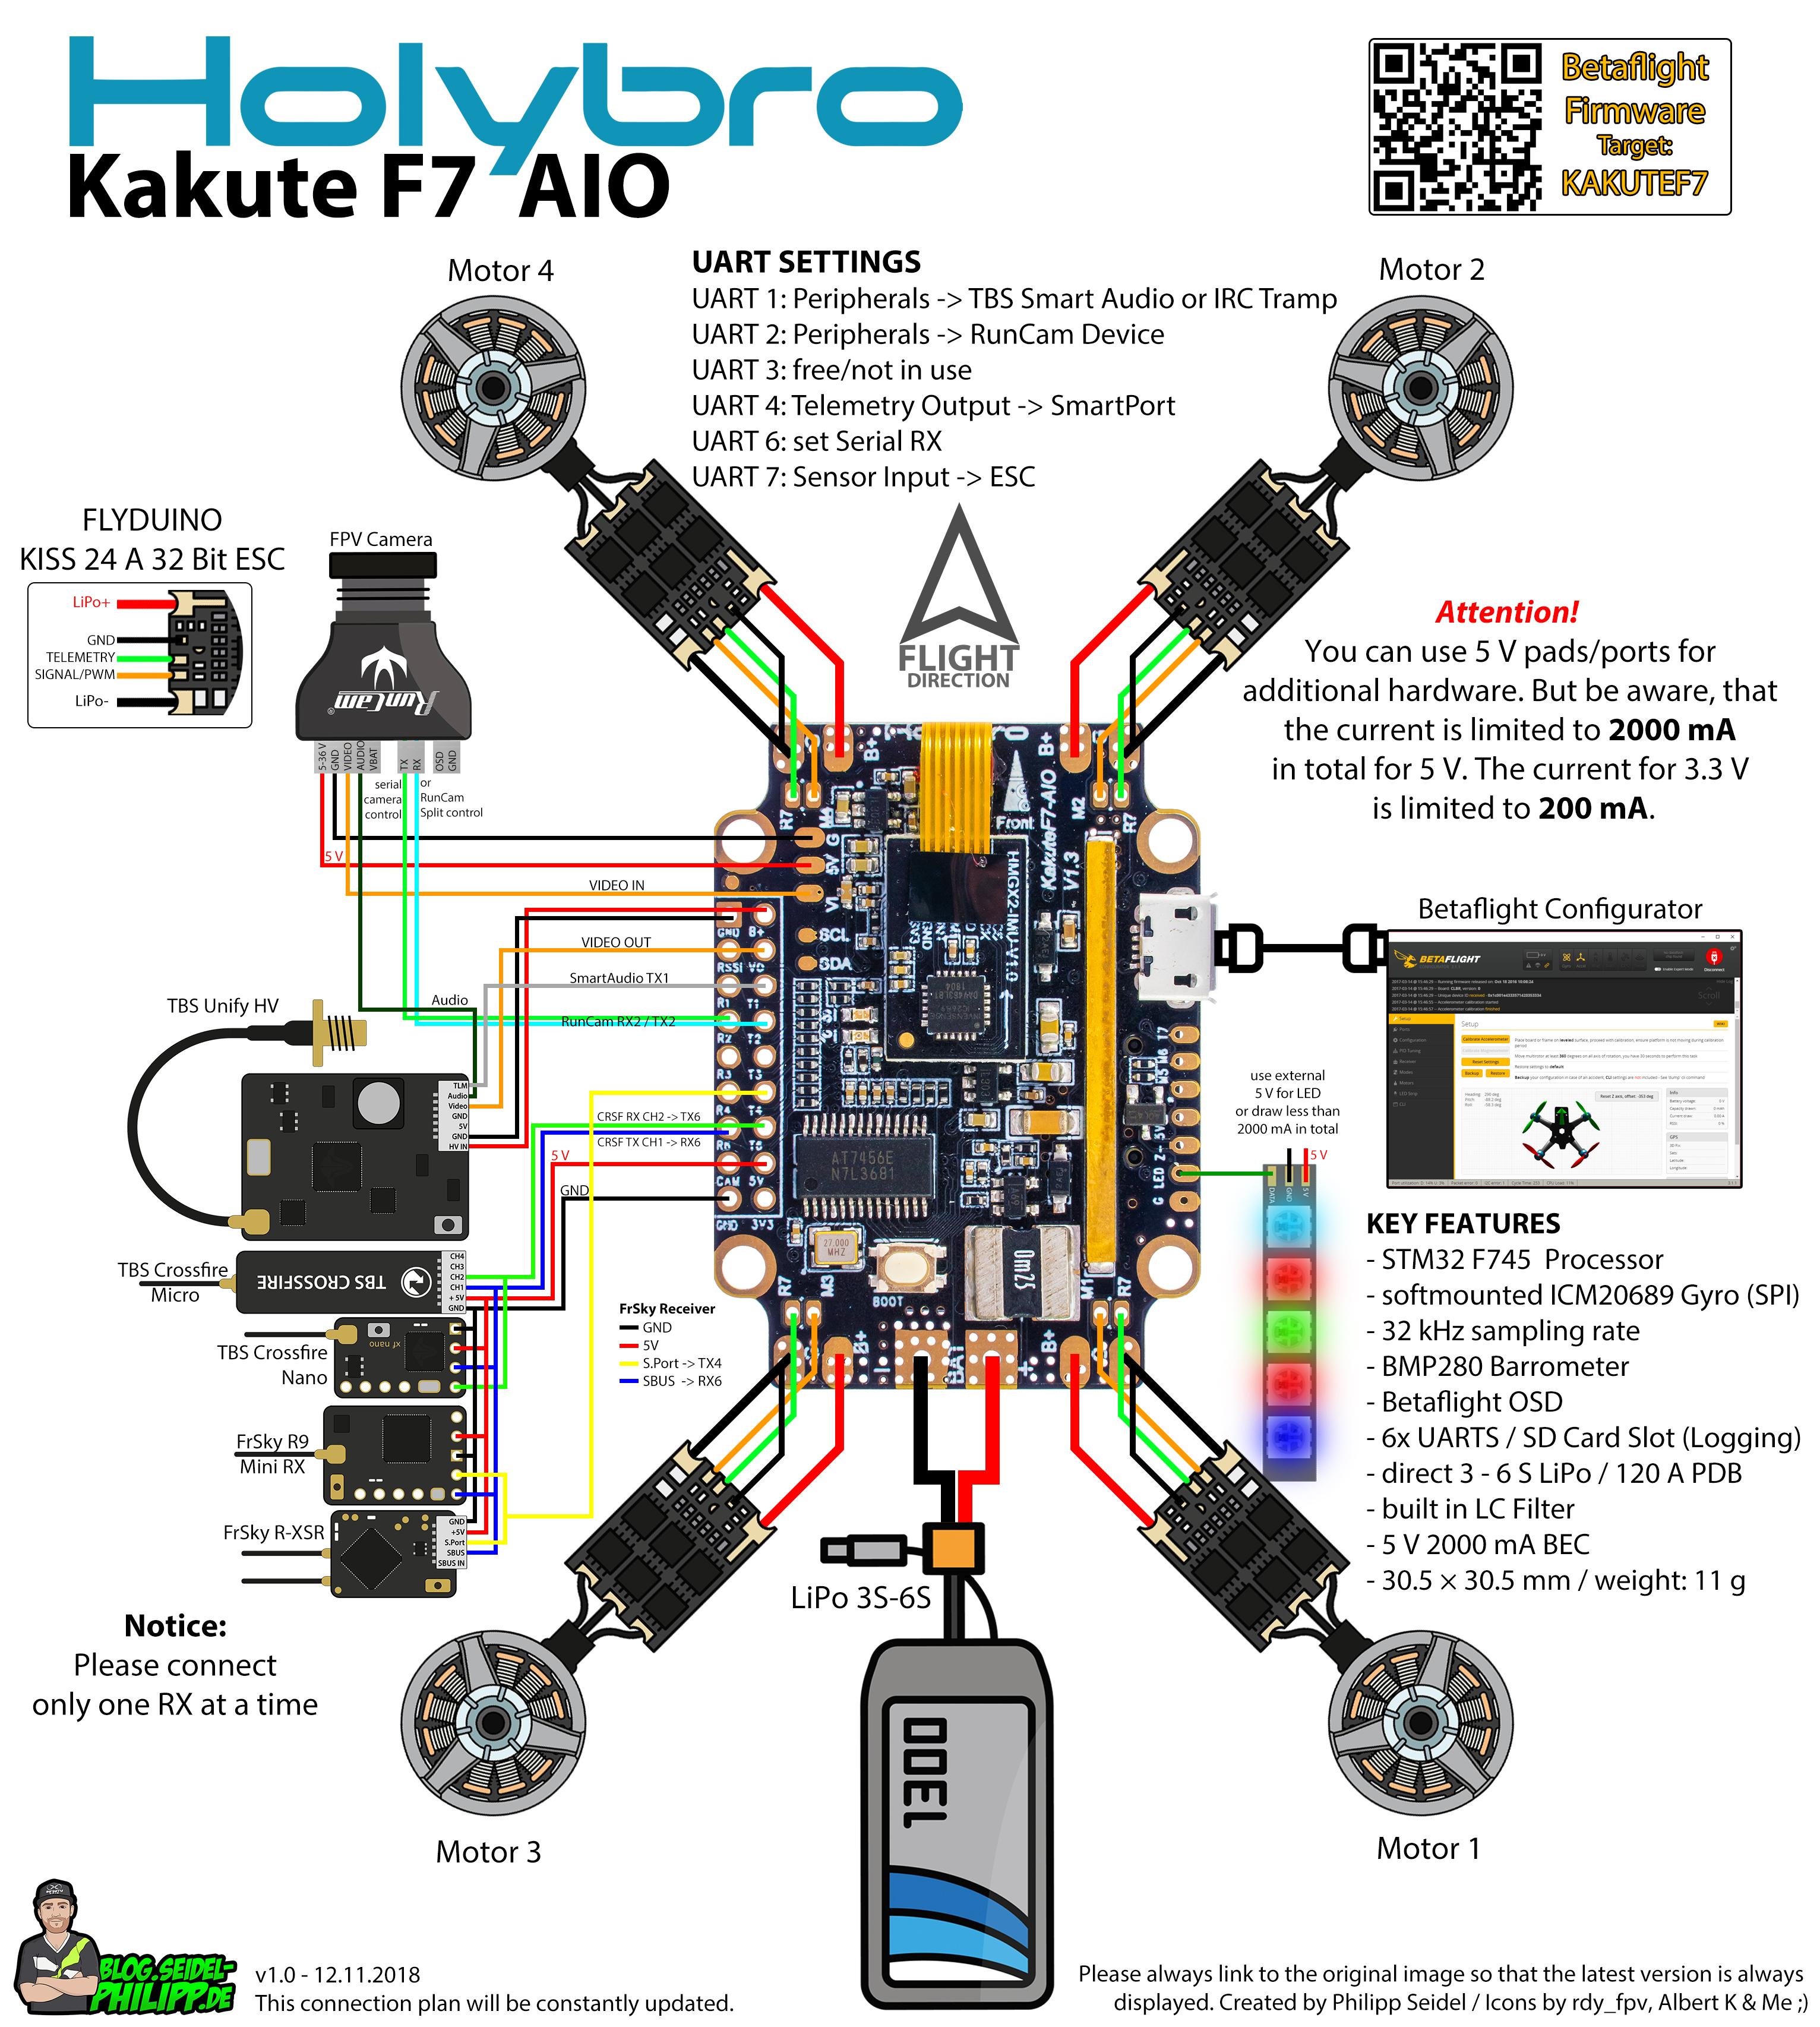 Holybro Kakute F7 AIO Flight Controller Anschlussplan / Wiringplan on